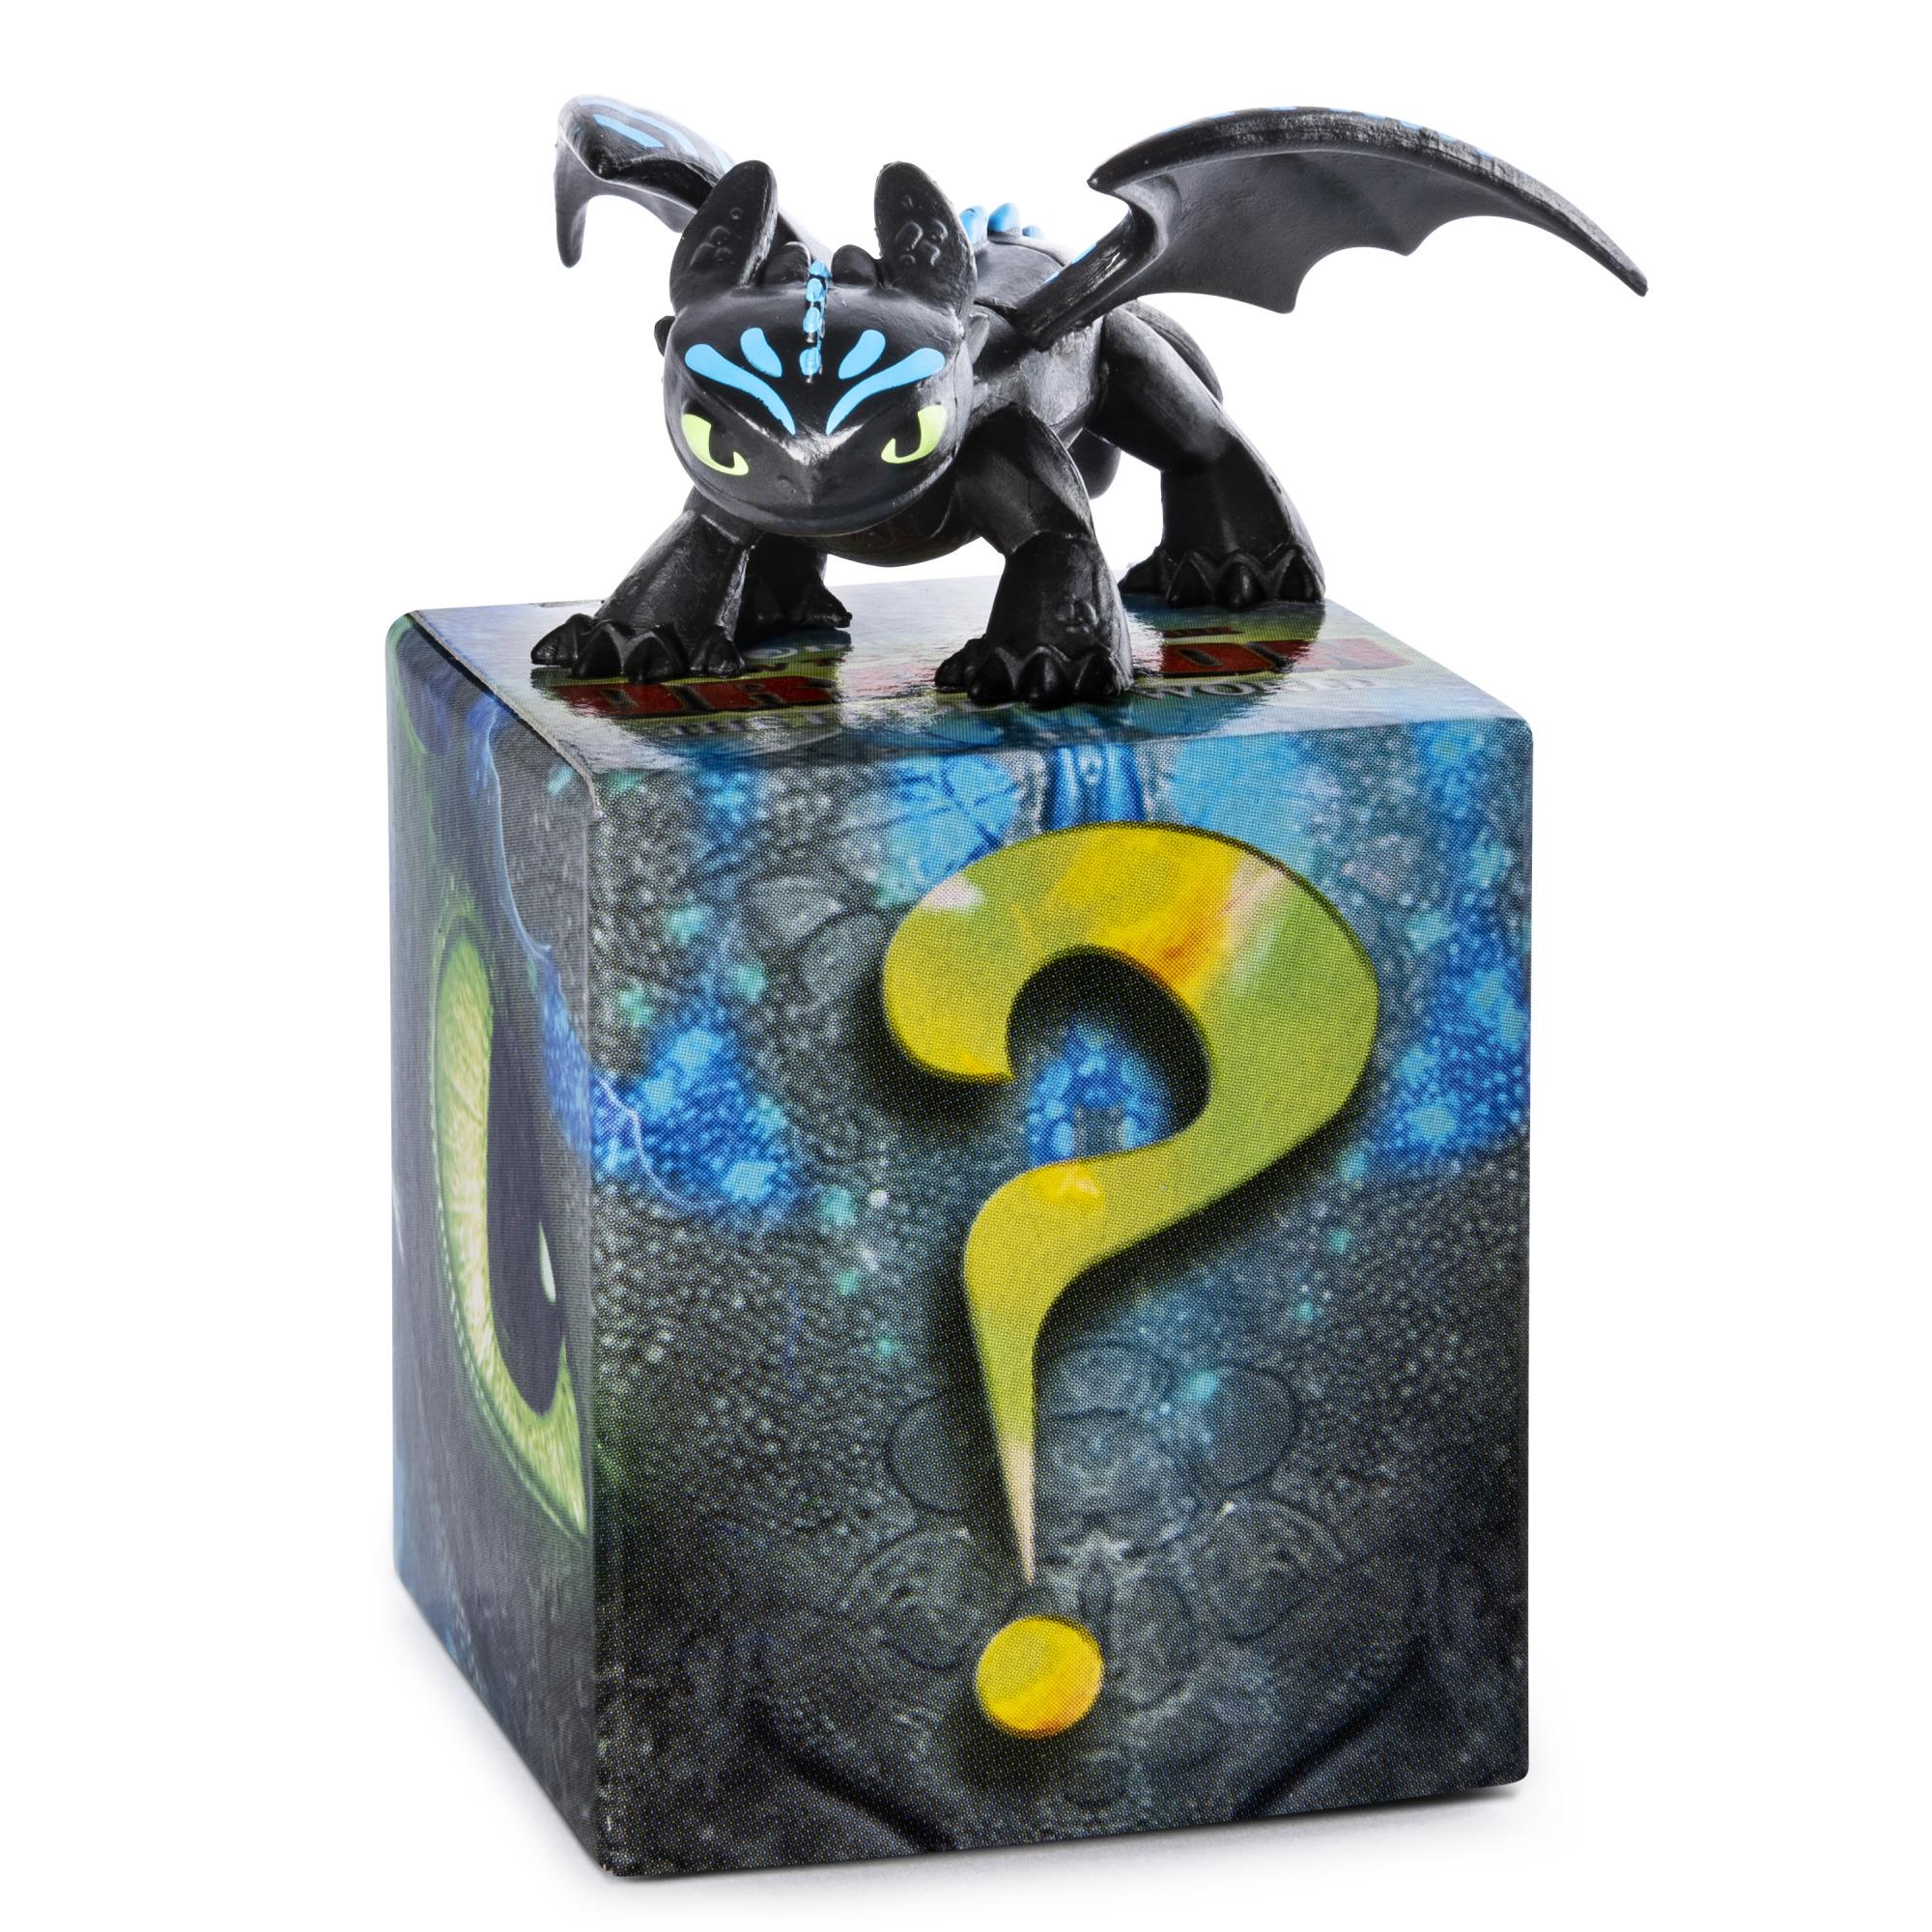 dragons 66621dg дрэгонс игровой набор дракон и фигурка смертолап и гриммель Игровой набор Dragons 66622